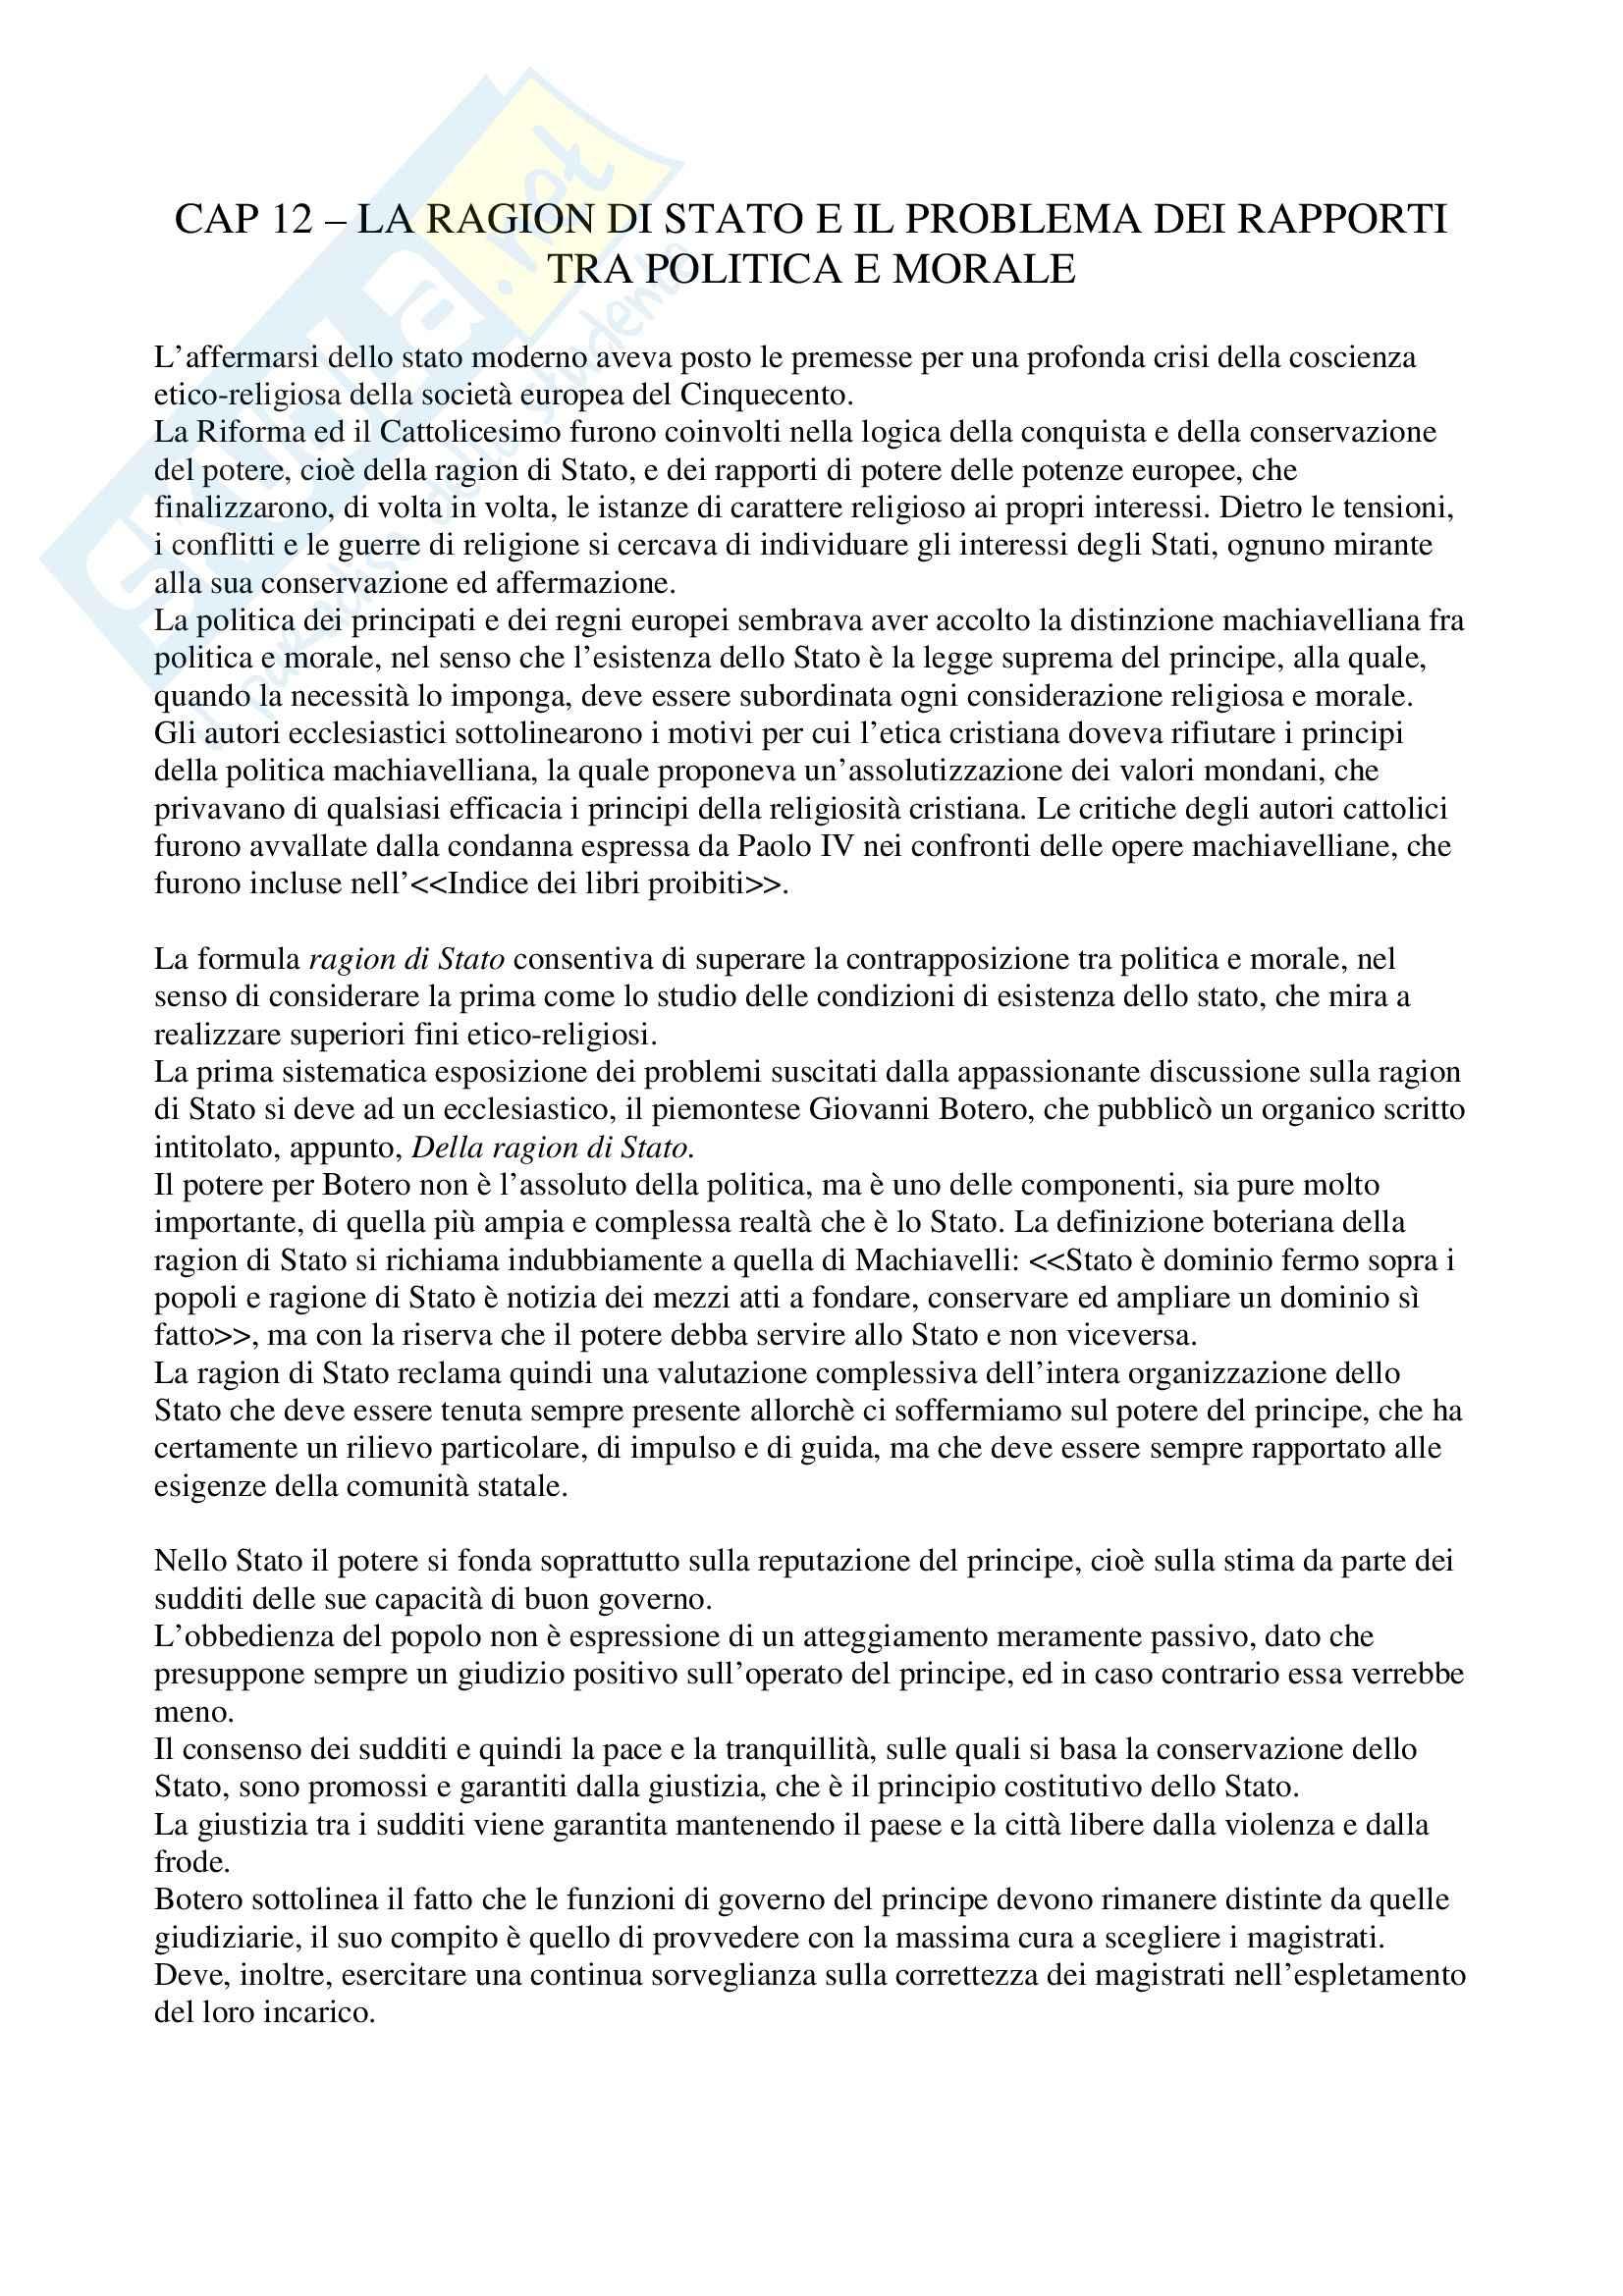 Storia delle dottrine politiche - la ragion di Stato - Riassunto esame, prof. Lazzarino